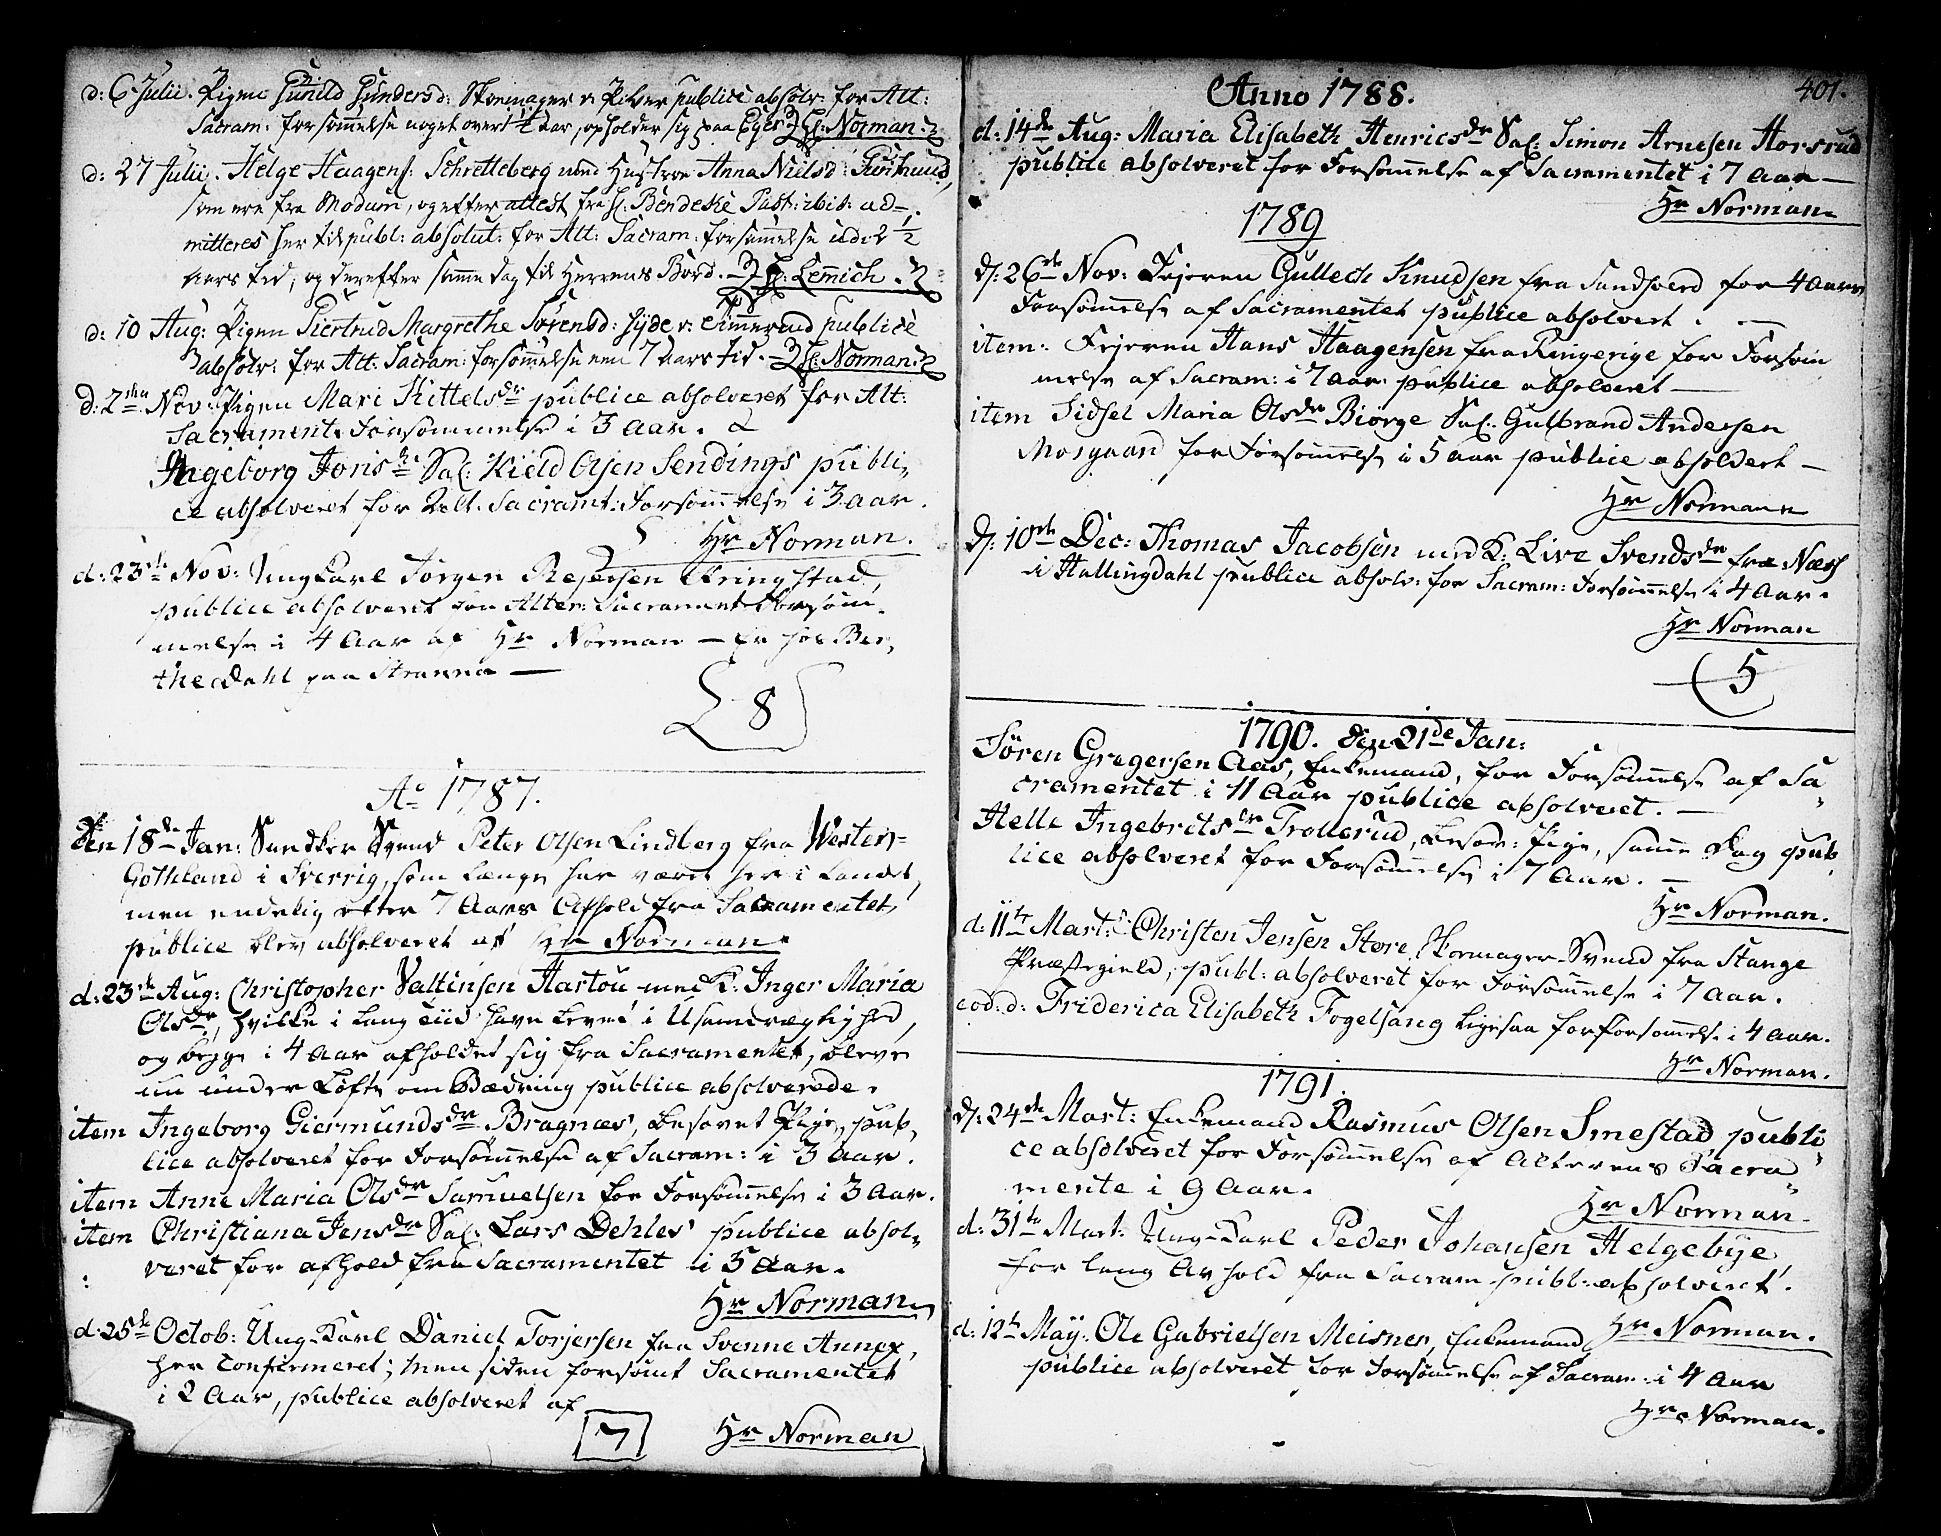 SAKO, Kongsberg kirkebøker, F/Fa/L0006: Ministerialbok nr. I 6, 1783-1797, s. 401